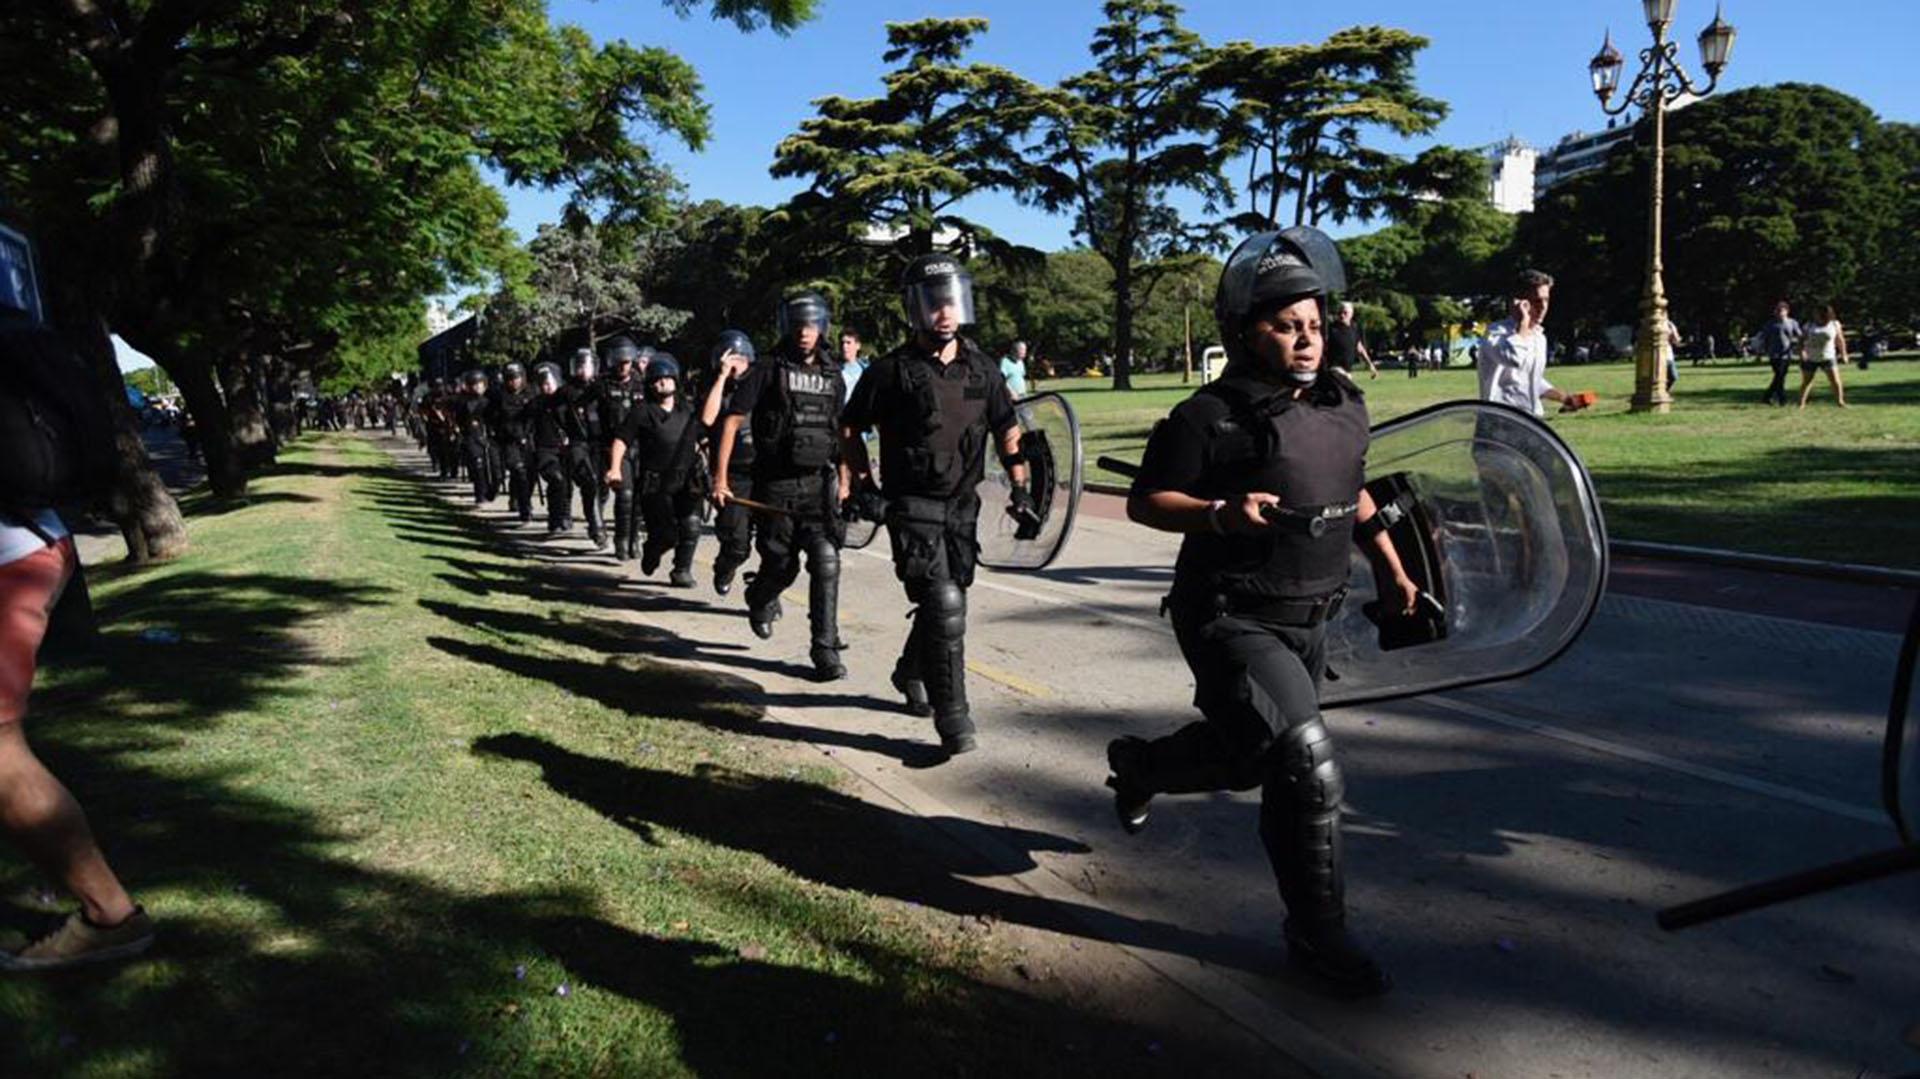 Los efectivos policiales siguieron la marcha para evitar que cortaran la totalidad de la avenida